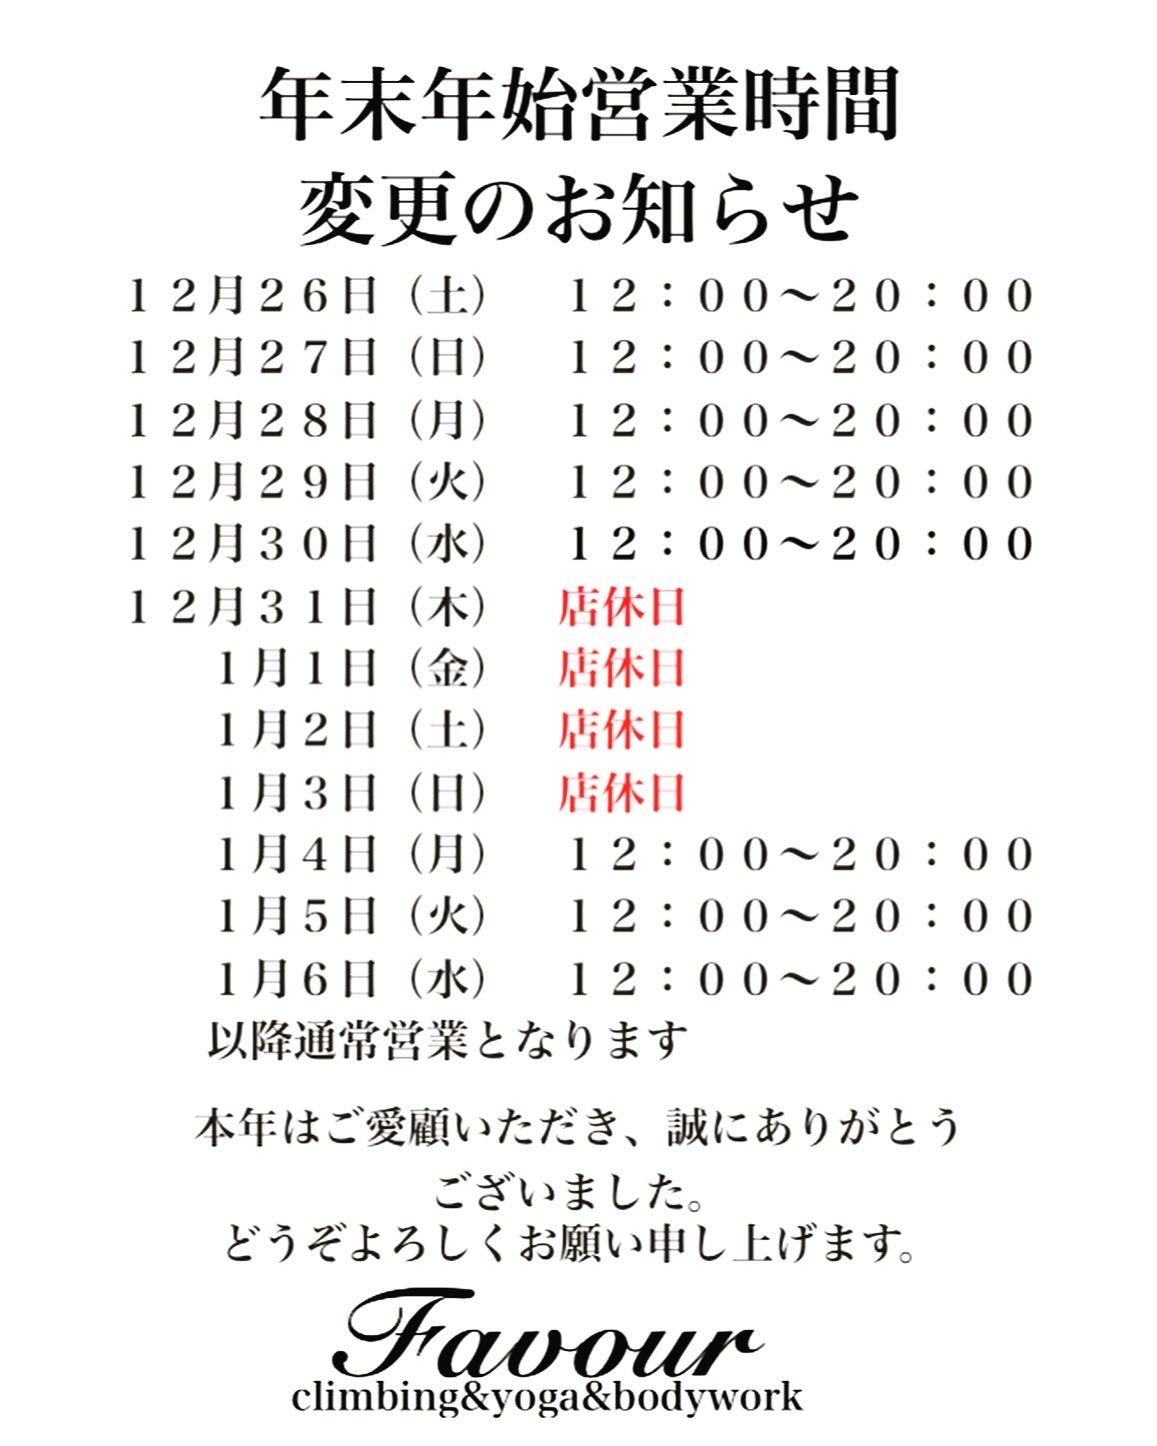 66DB6274-3975-4F39-8862-1D801D641999